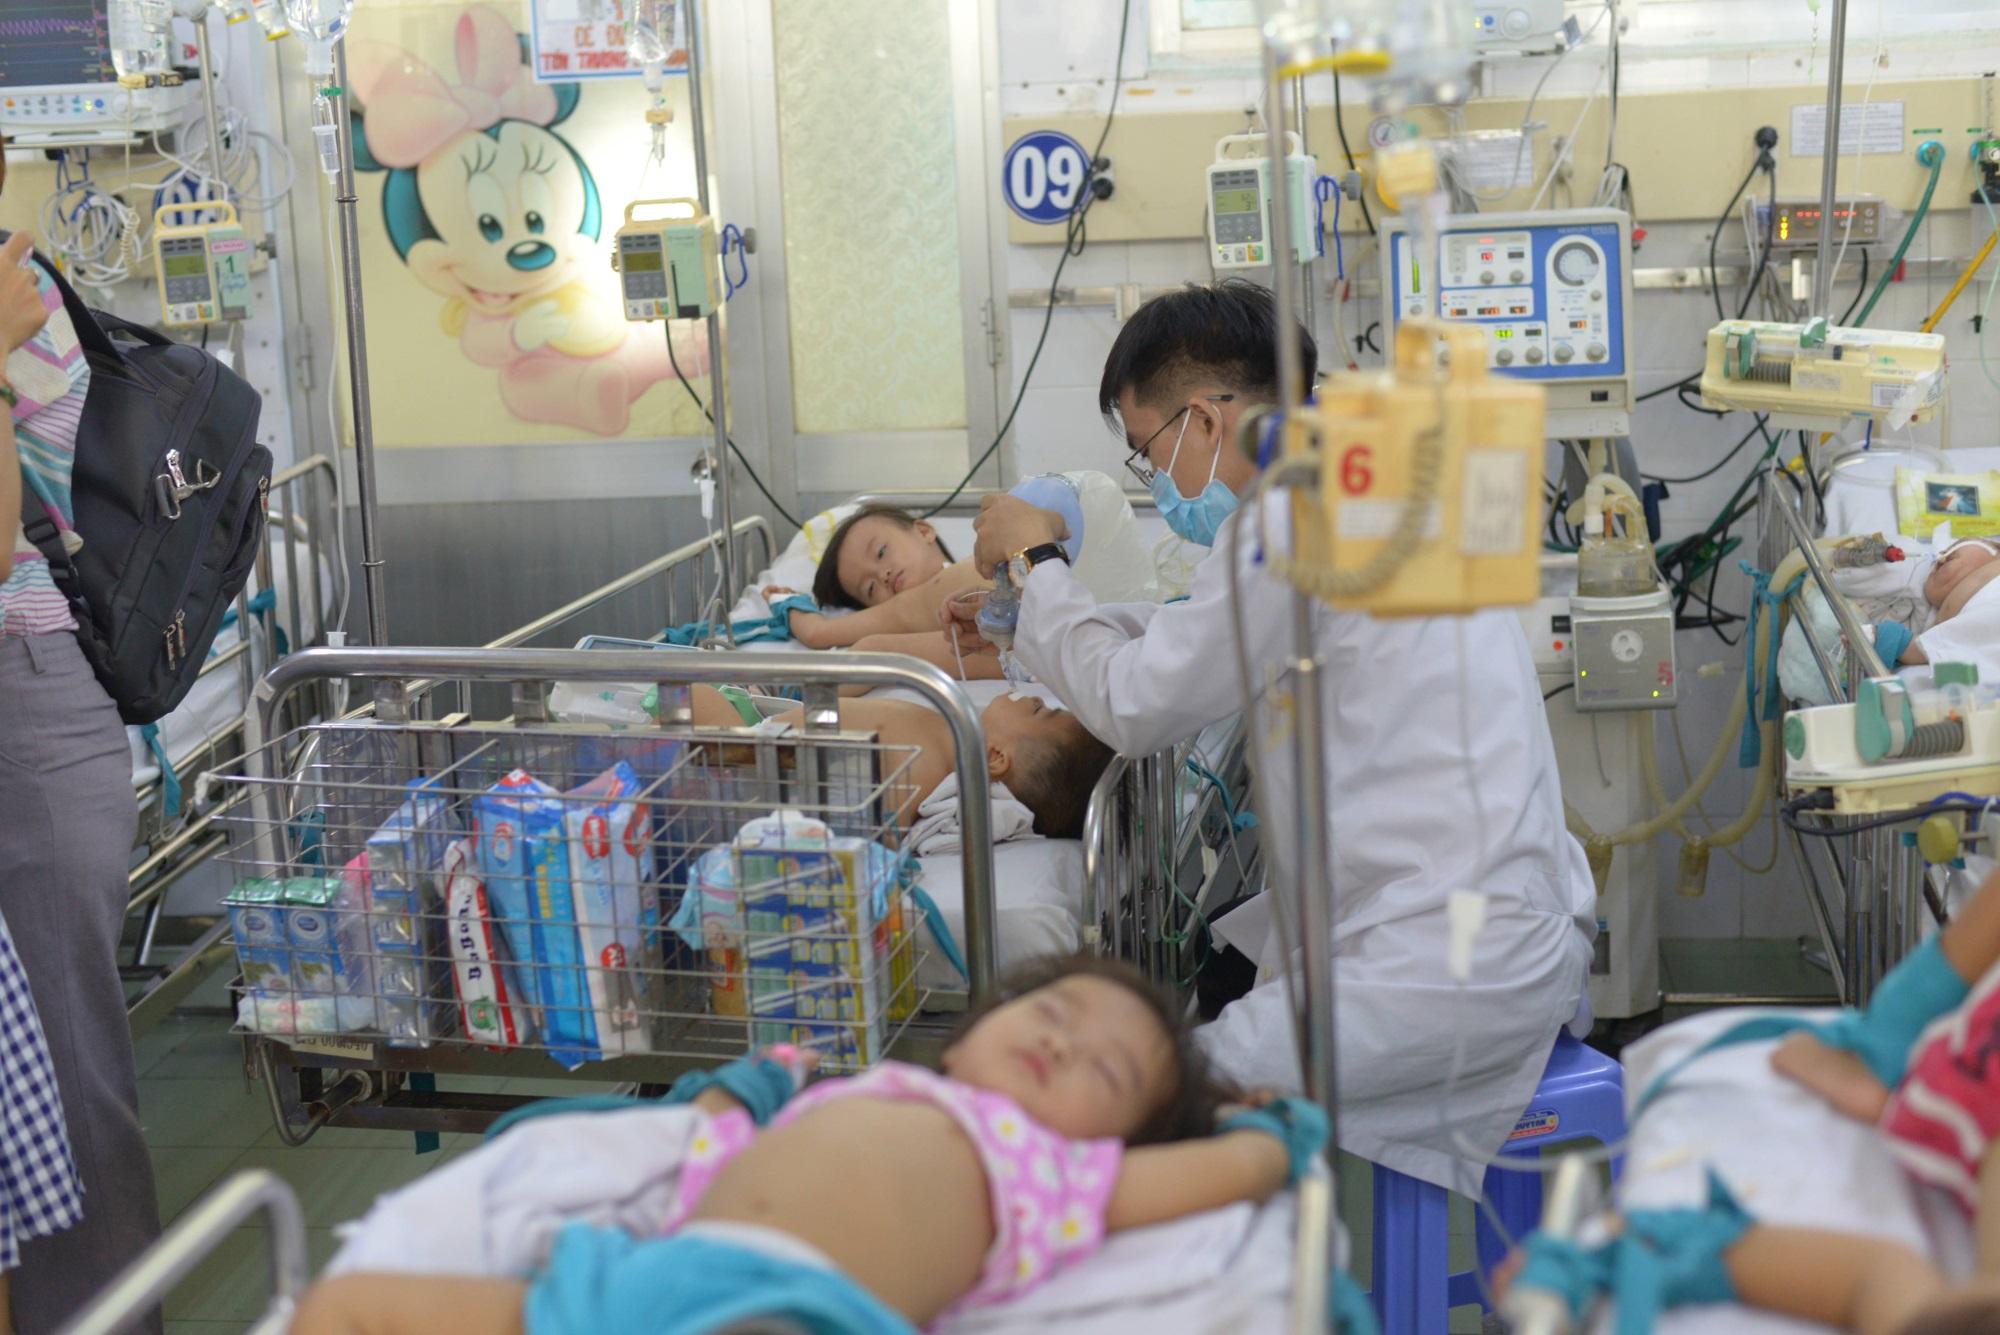 Bộ Y tế gửi công văn khẩn về phòng chống dịch tay chân miệng - Ảnh 1